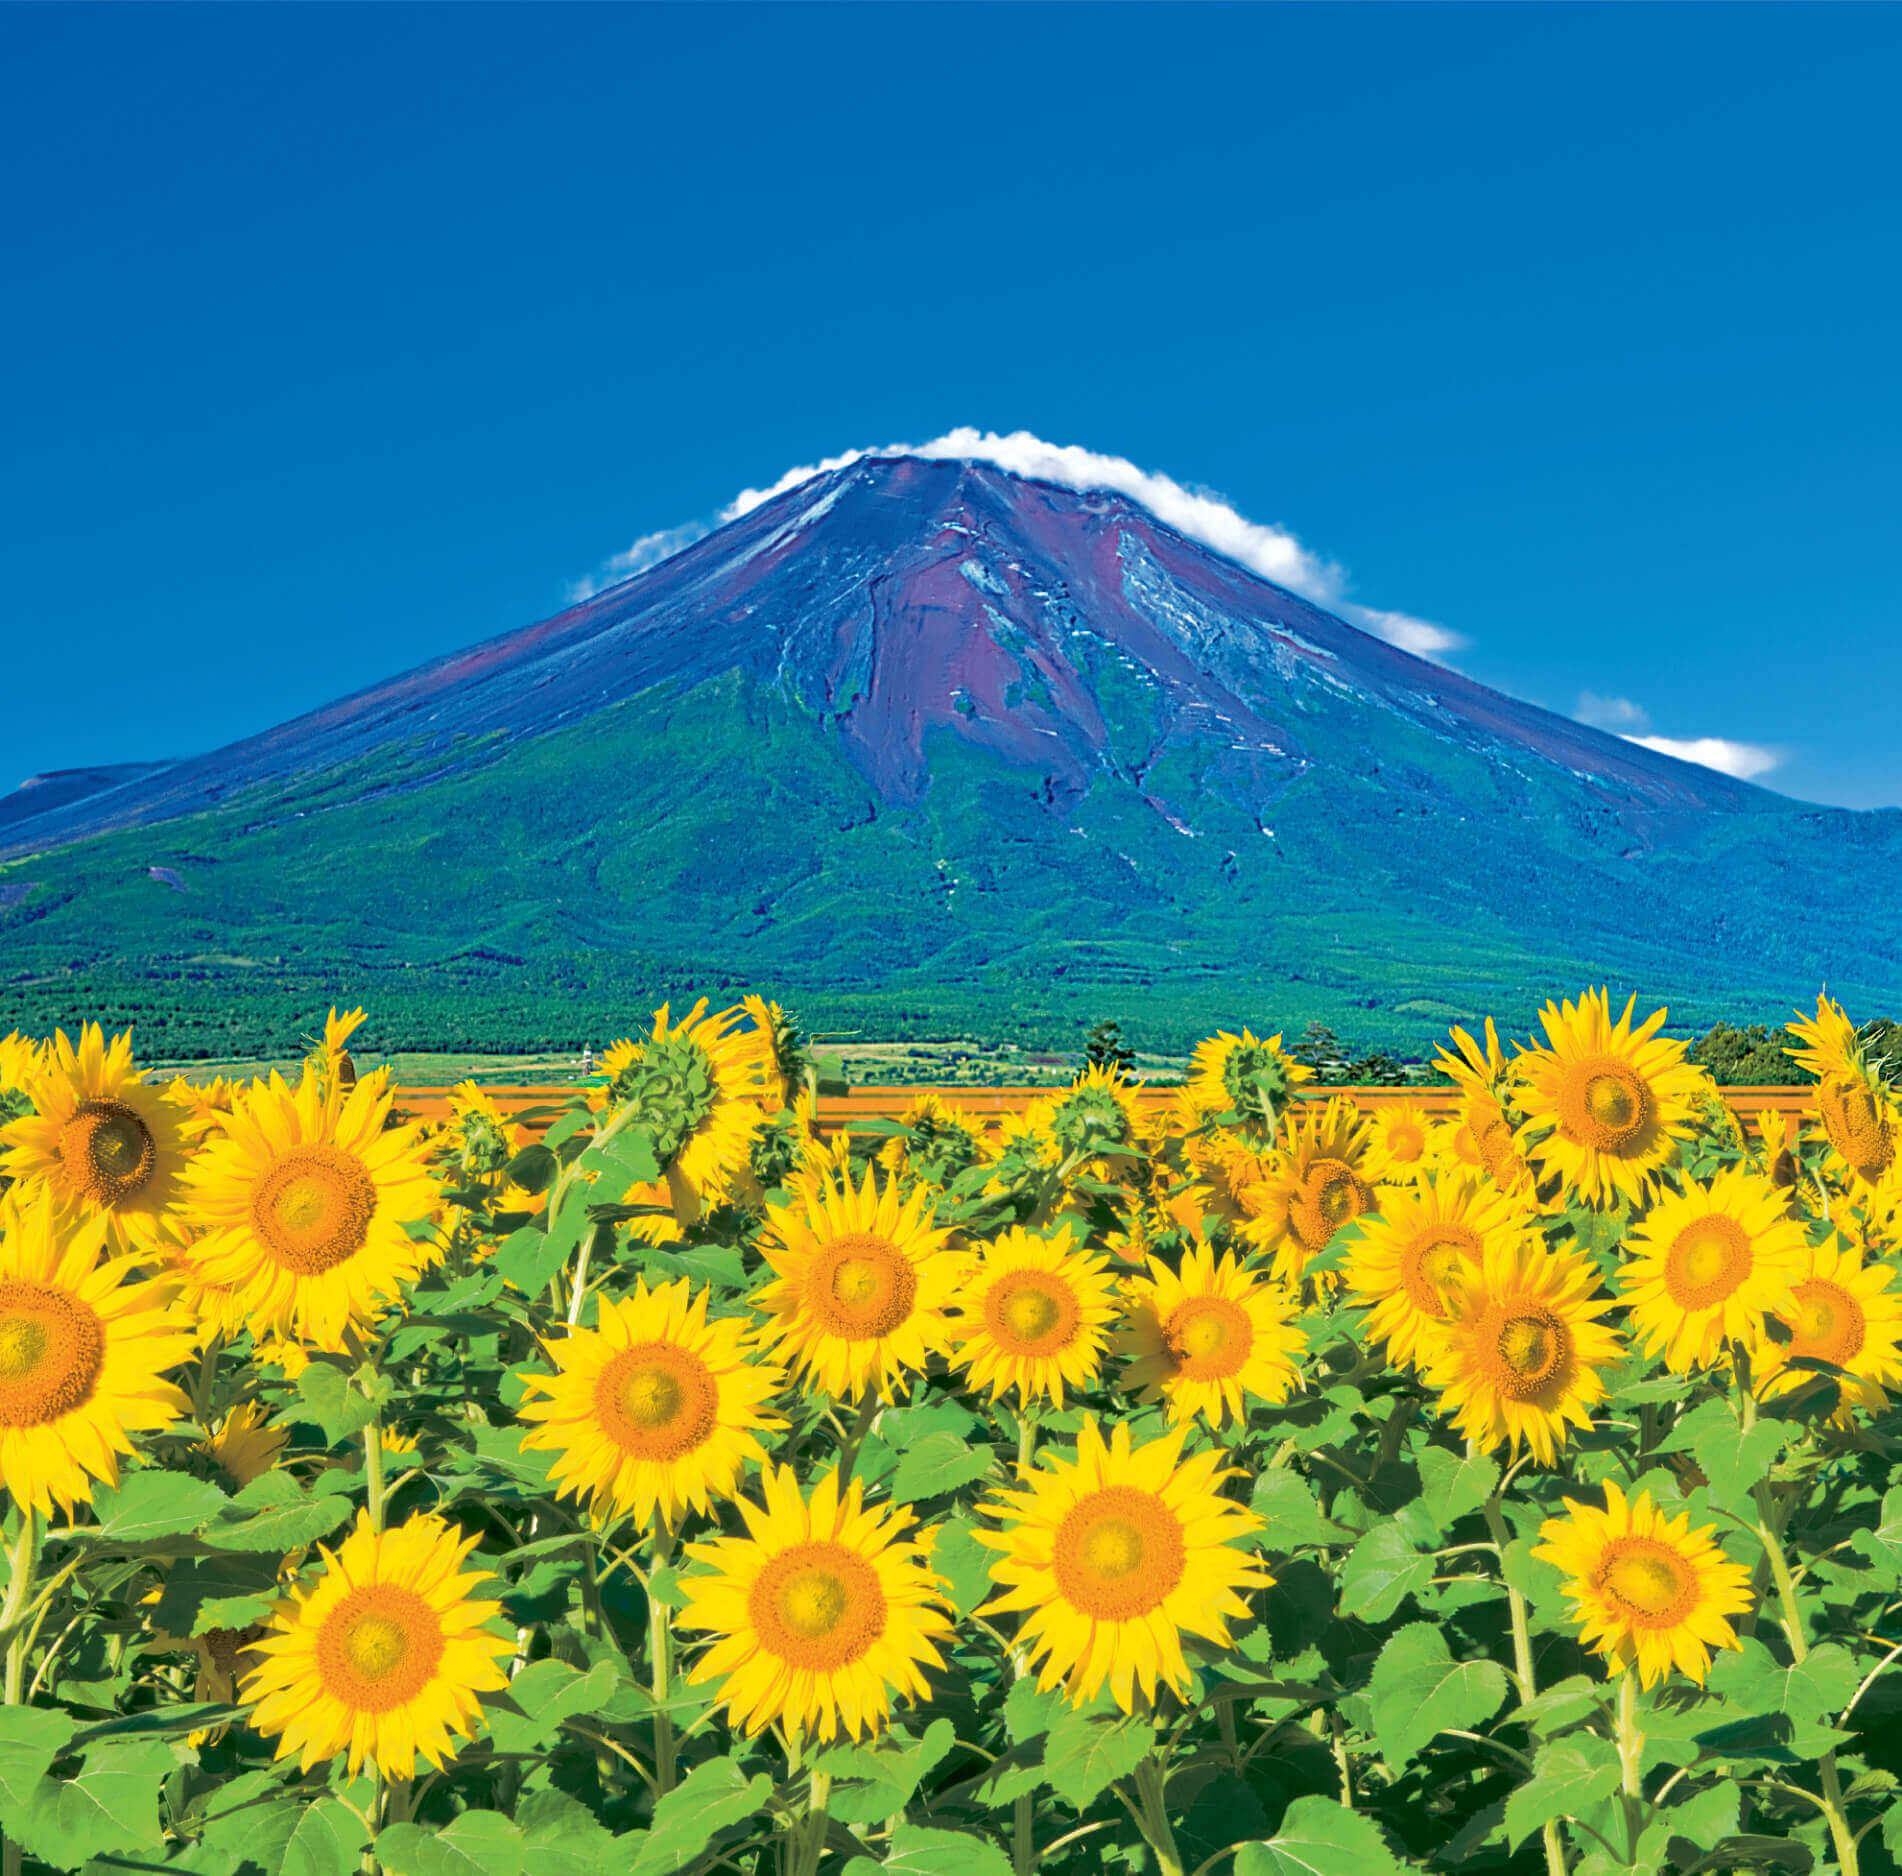 7-8 山中湖村より(山梨) 富士山(フィルムカレンダー) 2022年カレンダーの画像